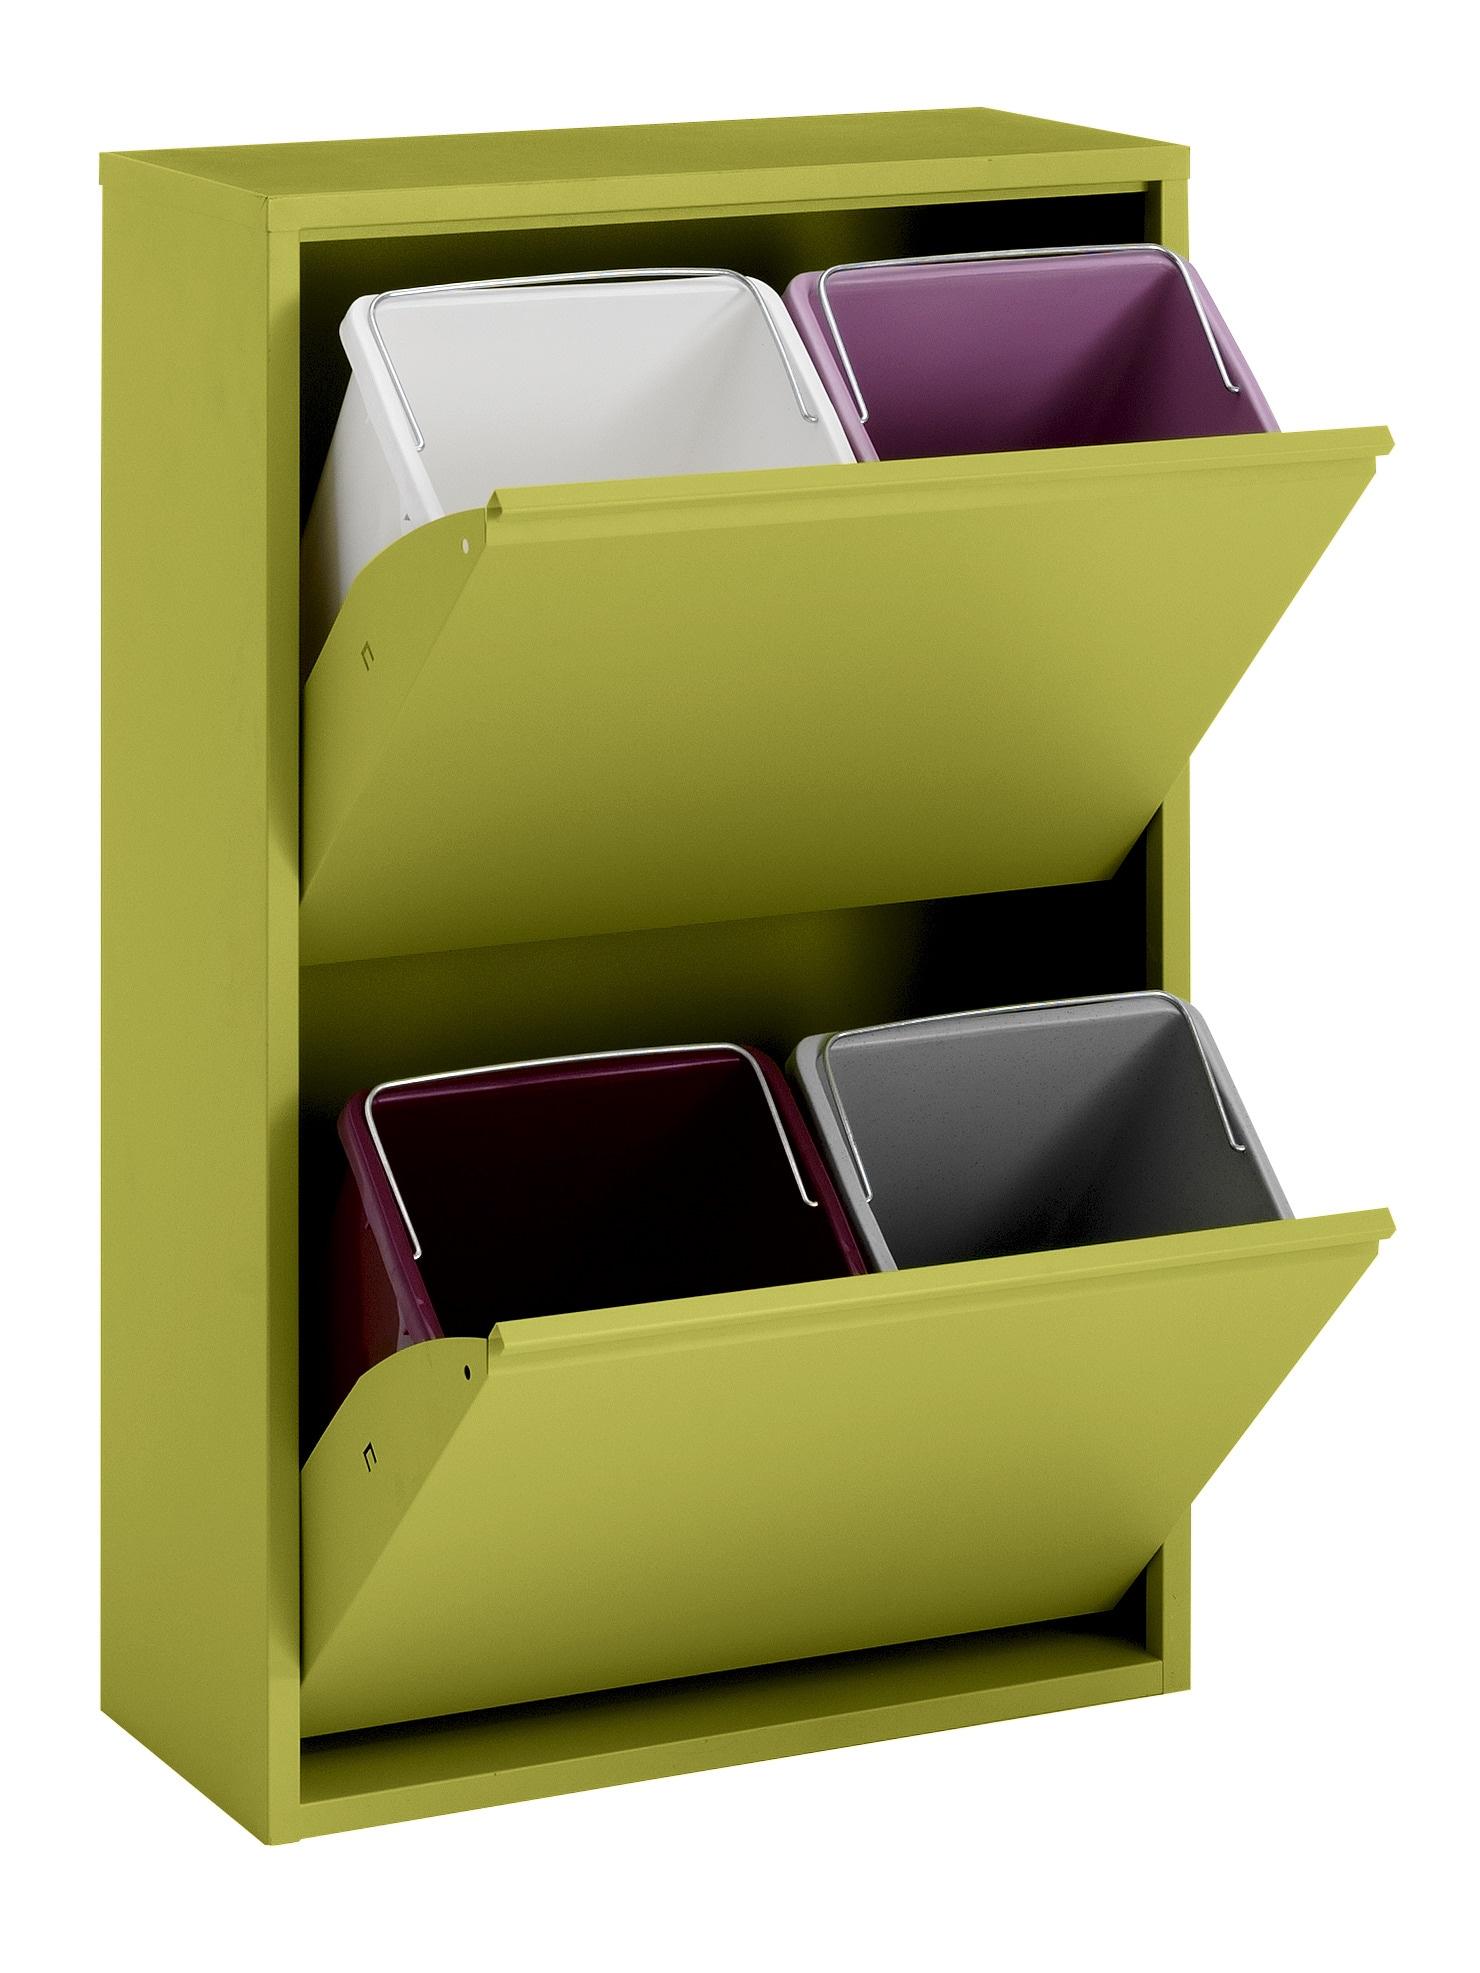 heine home Mülltrenner aus Metall Wohnen/Haushalt/Haushaltswaren/Reinigung/Mülleimer/Mülltrennsysteme